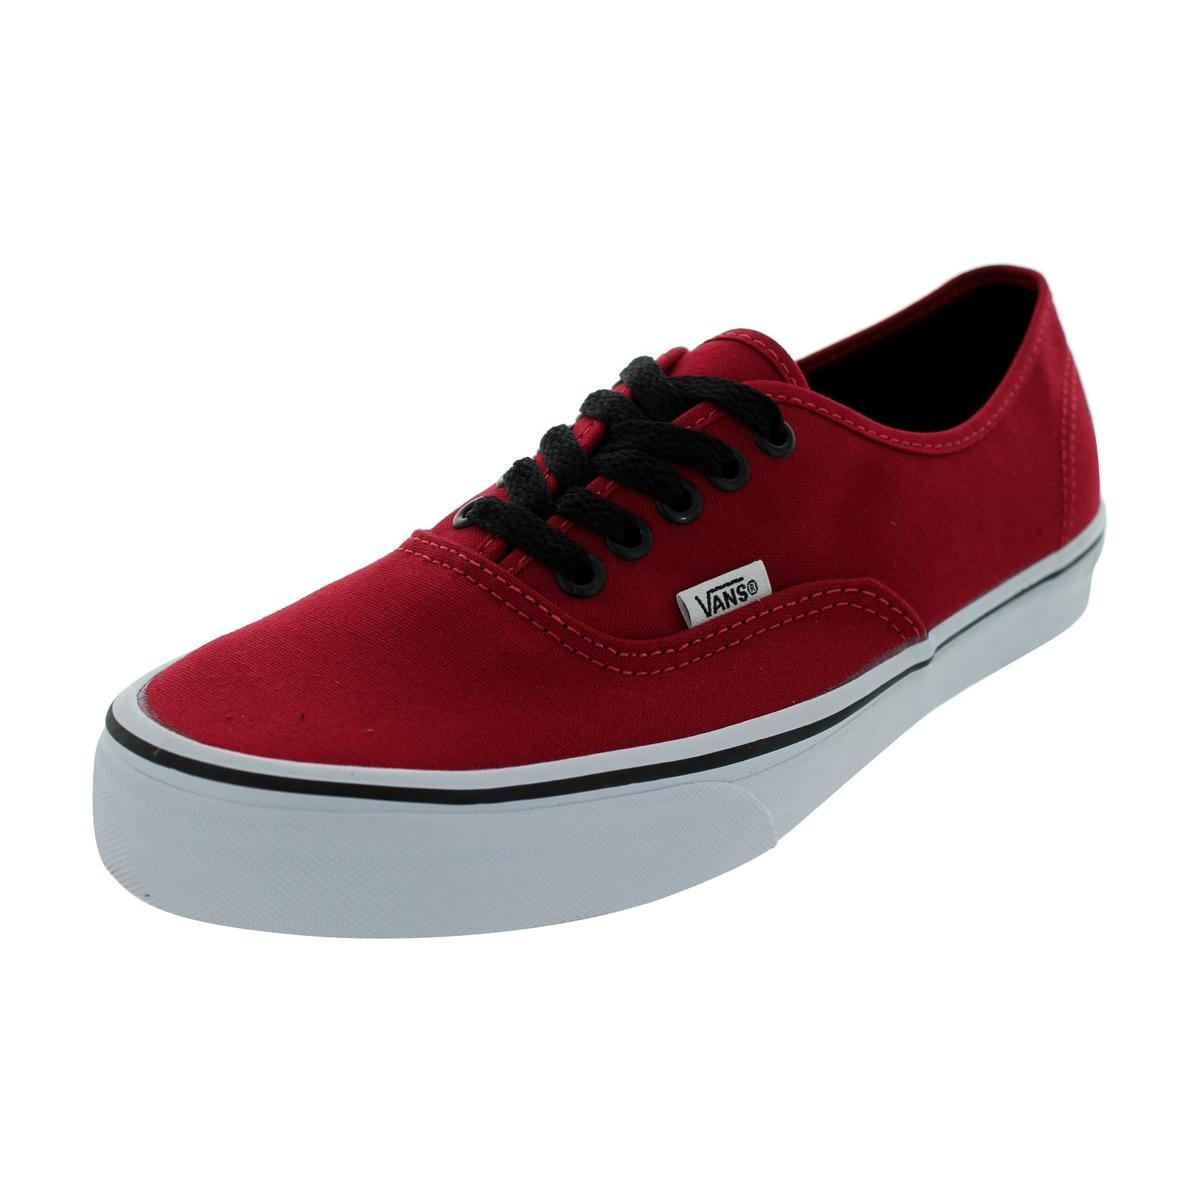 Vans Authentic Chili Pepper/Black Canvas Skate Shoes (6.5...